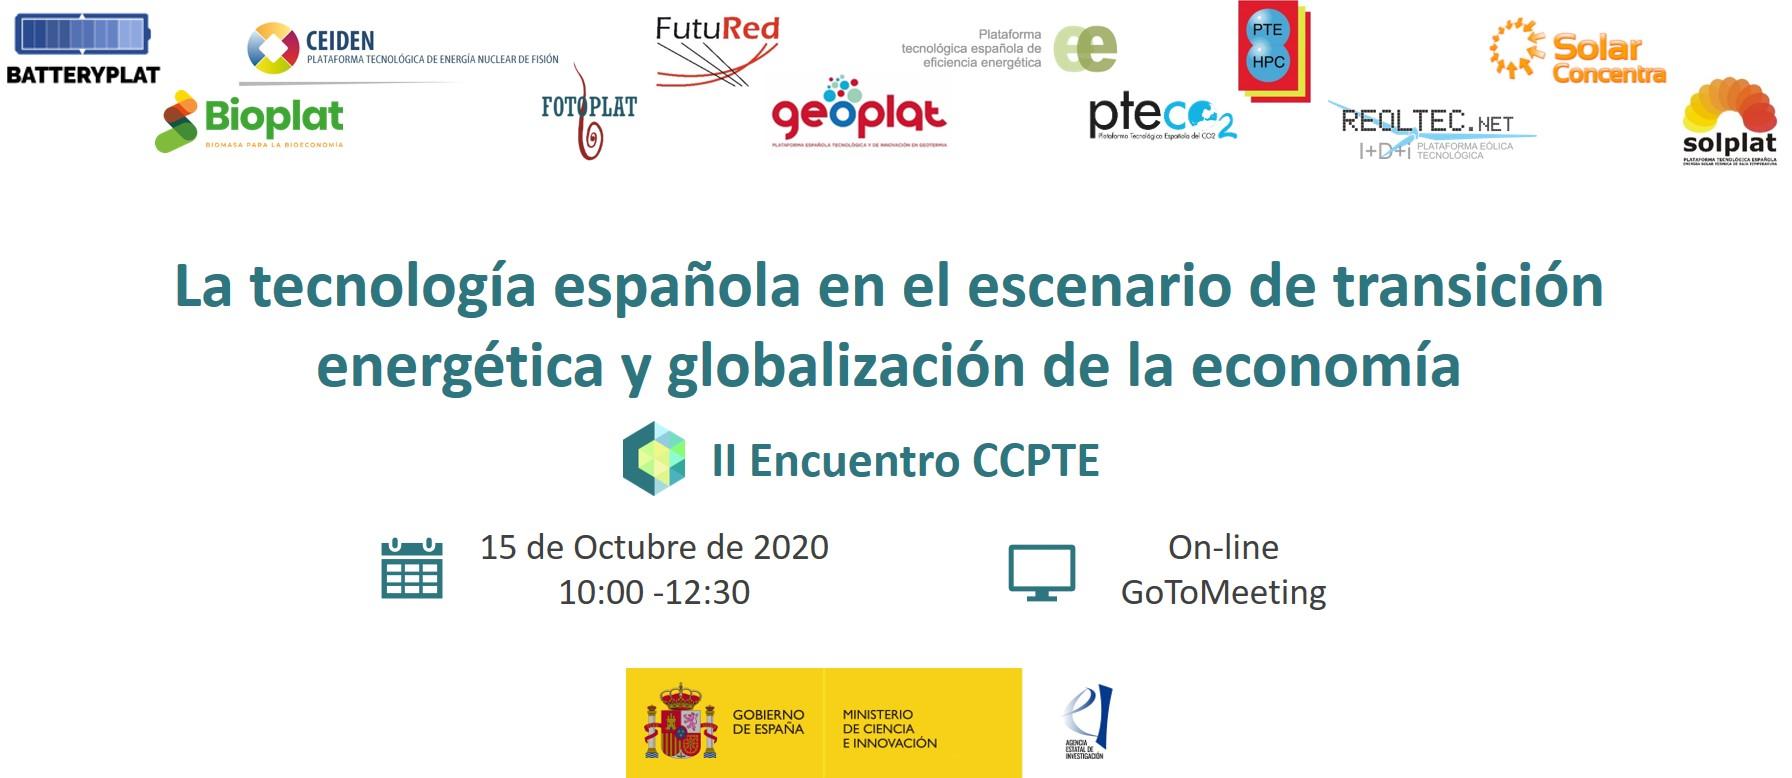 (Español) II ENCUENTRO CCPTE: LA TECNOLOGÍA ESPAÑOLA EN EL ESCENARIO DE TRANSICIÓN ENERGÉTICA Y GLOBALIZACIÓN DE LA ECONOMÍA (15 oct 2020)